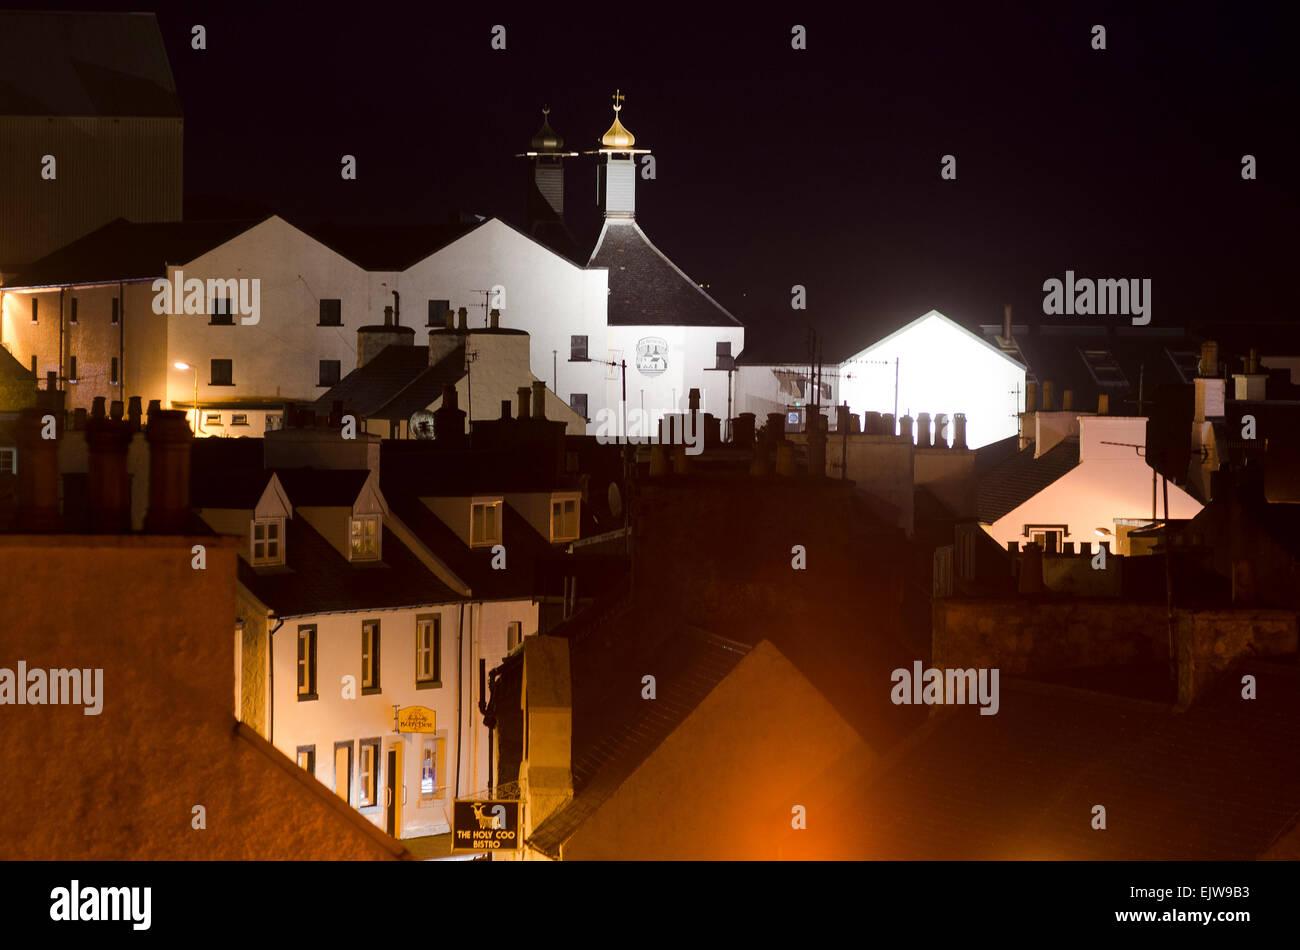 Bowmore con destilería y las luces de la calle al atardecer Imagen De Stock